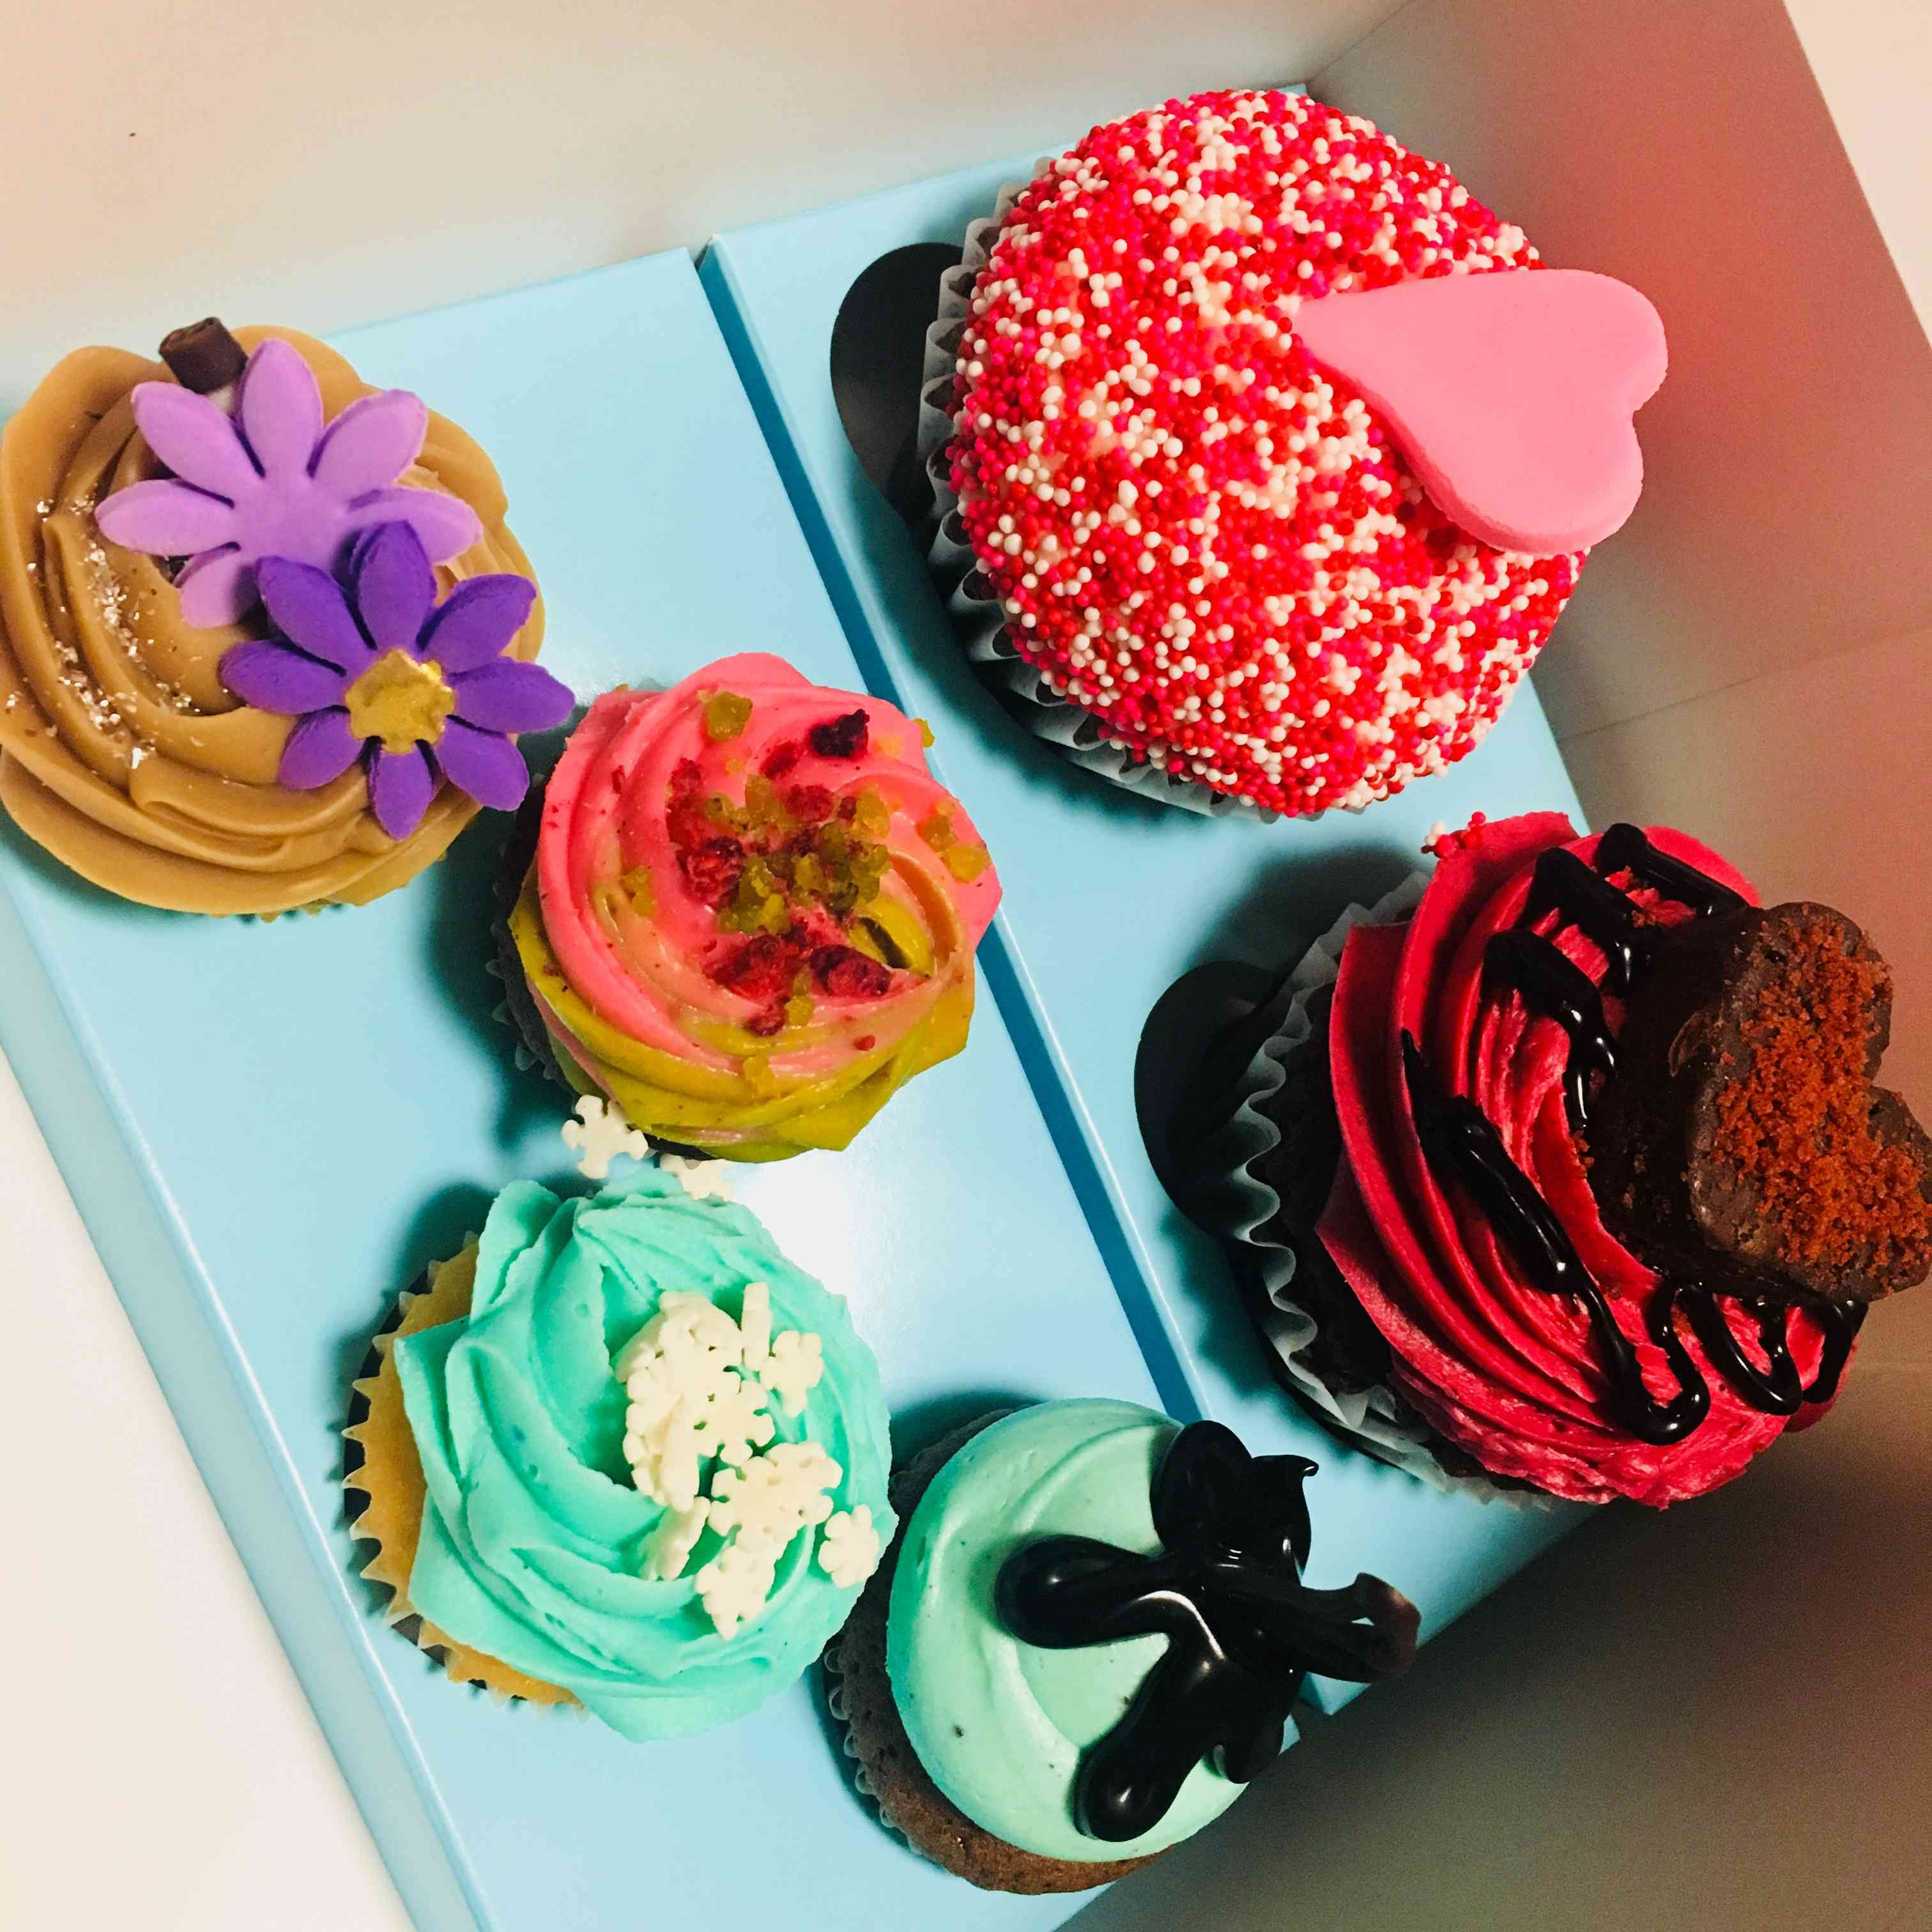 インスタ映えカップケーキ♡LOLA'S Cupcakes Tokyo_1_4